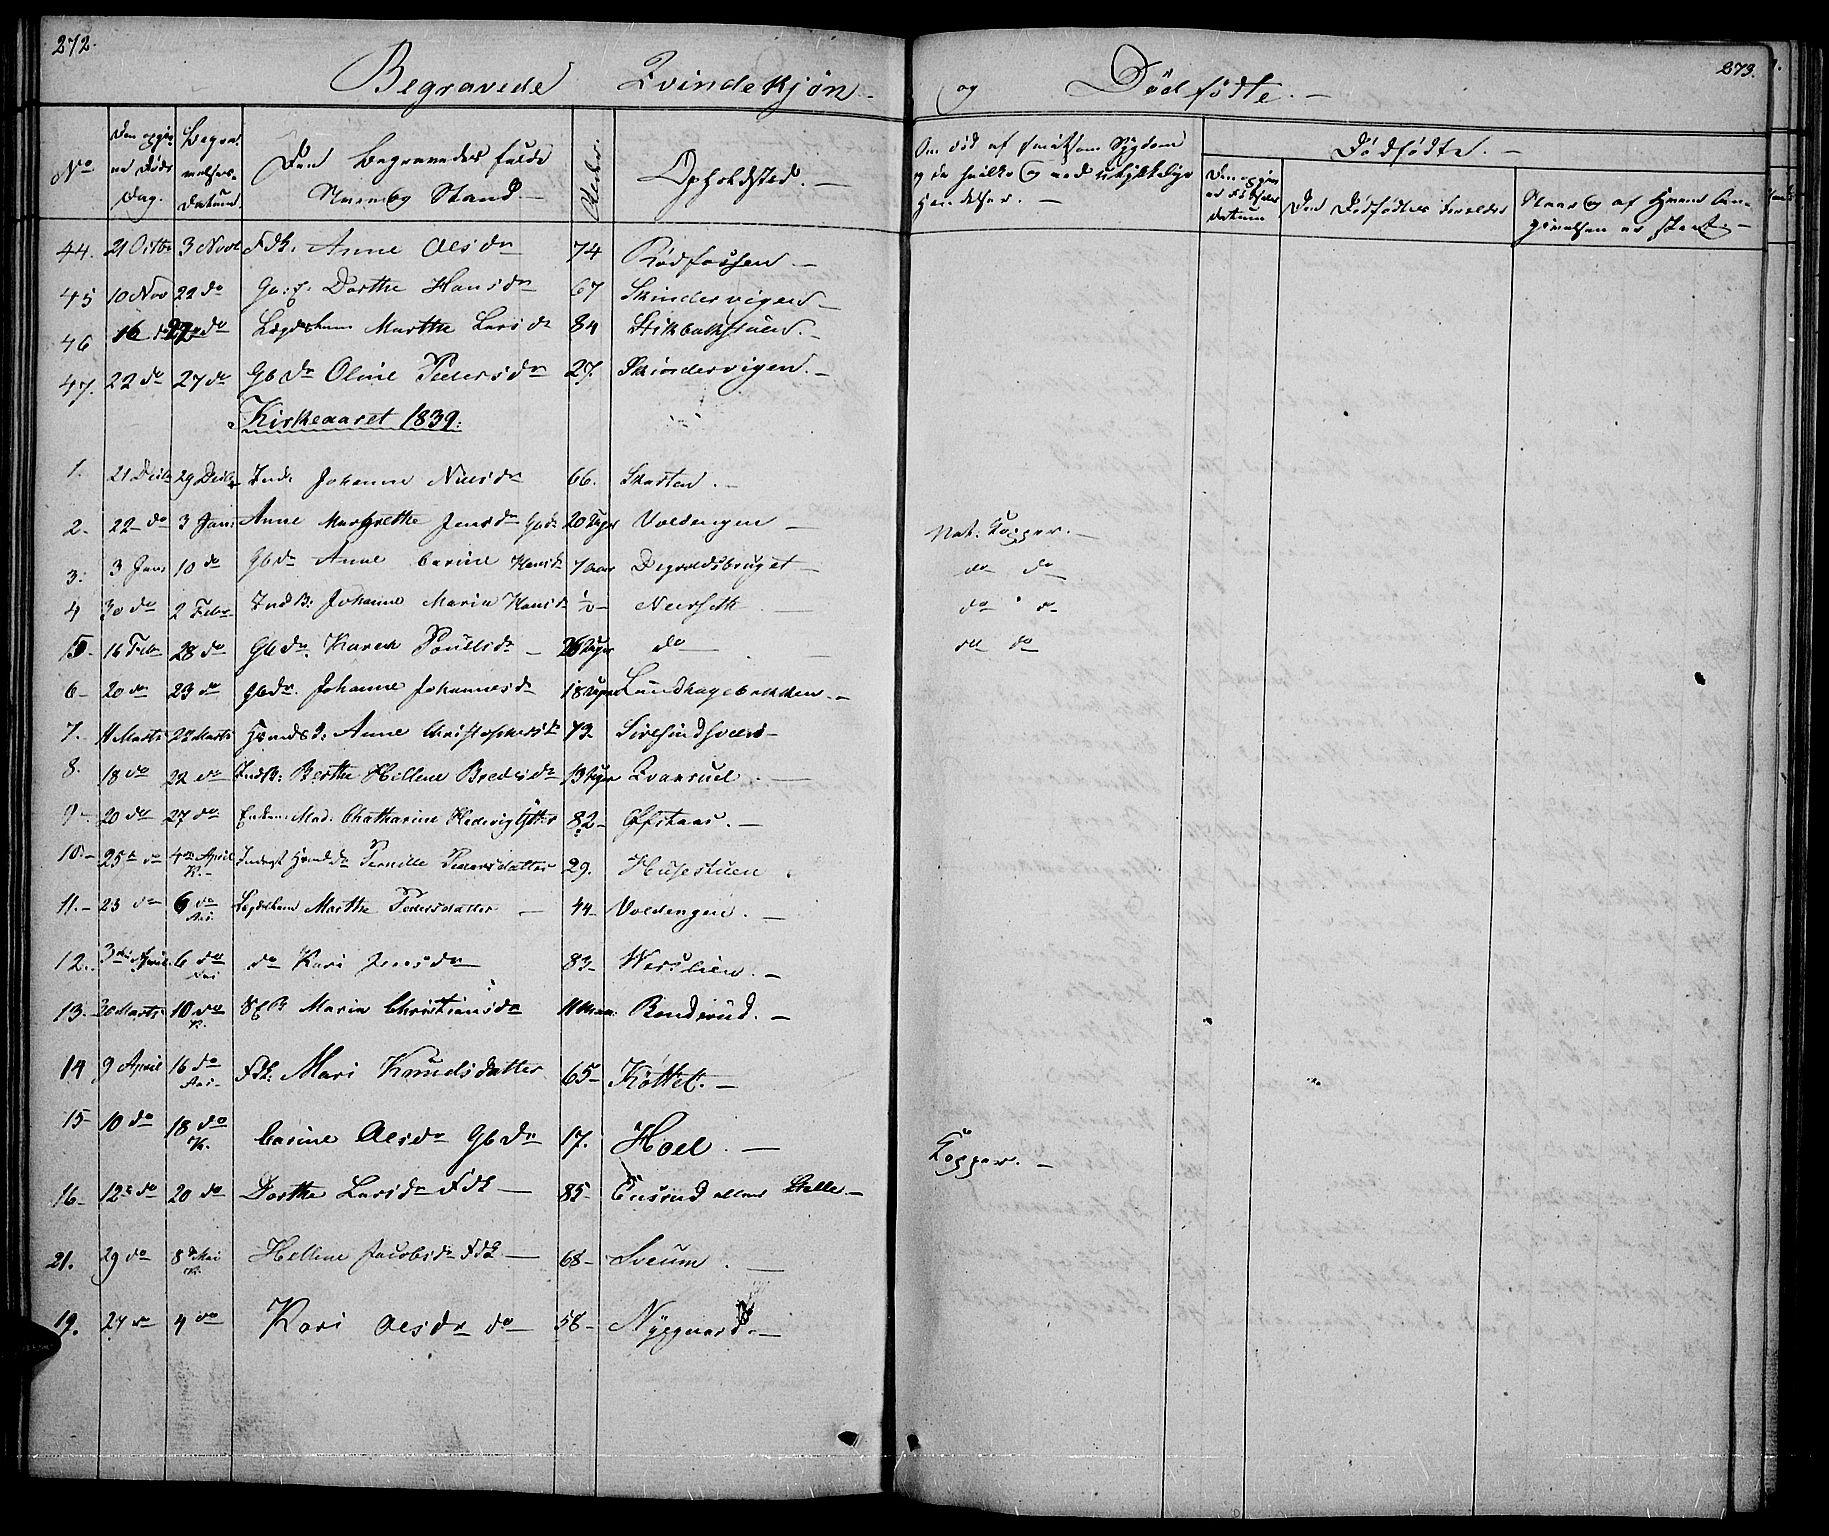 SAH, Vestre Toten prestekontor, Klokkerbok nr. 2, 1836-1848, s. 272-273